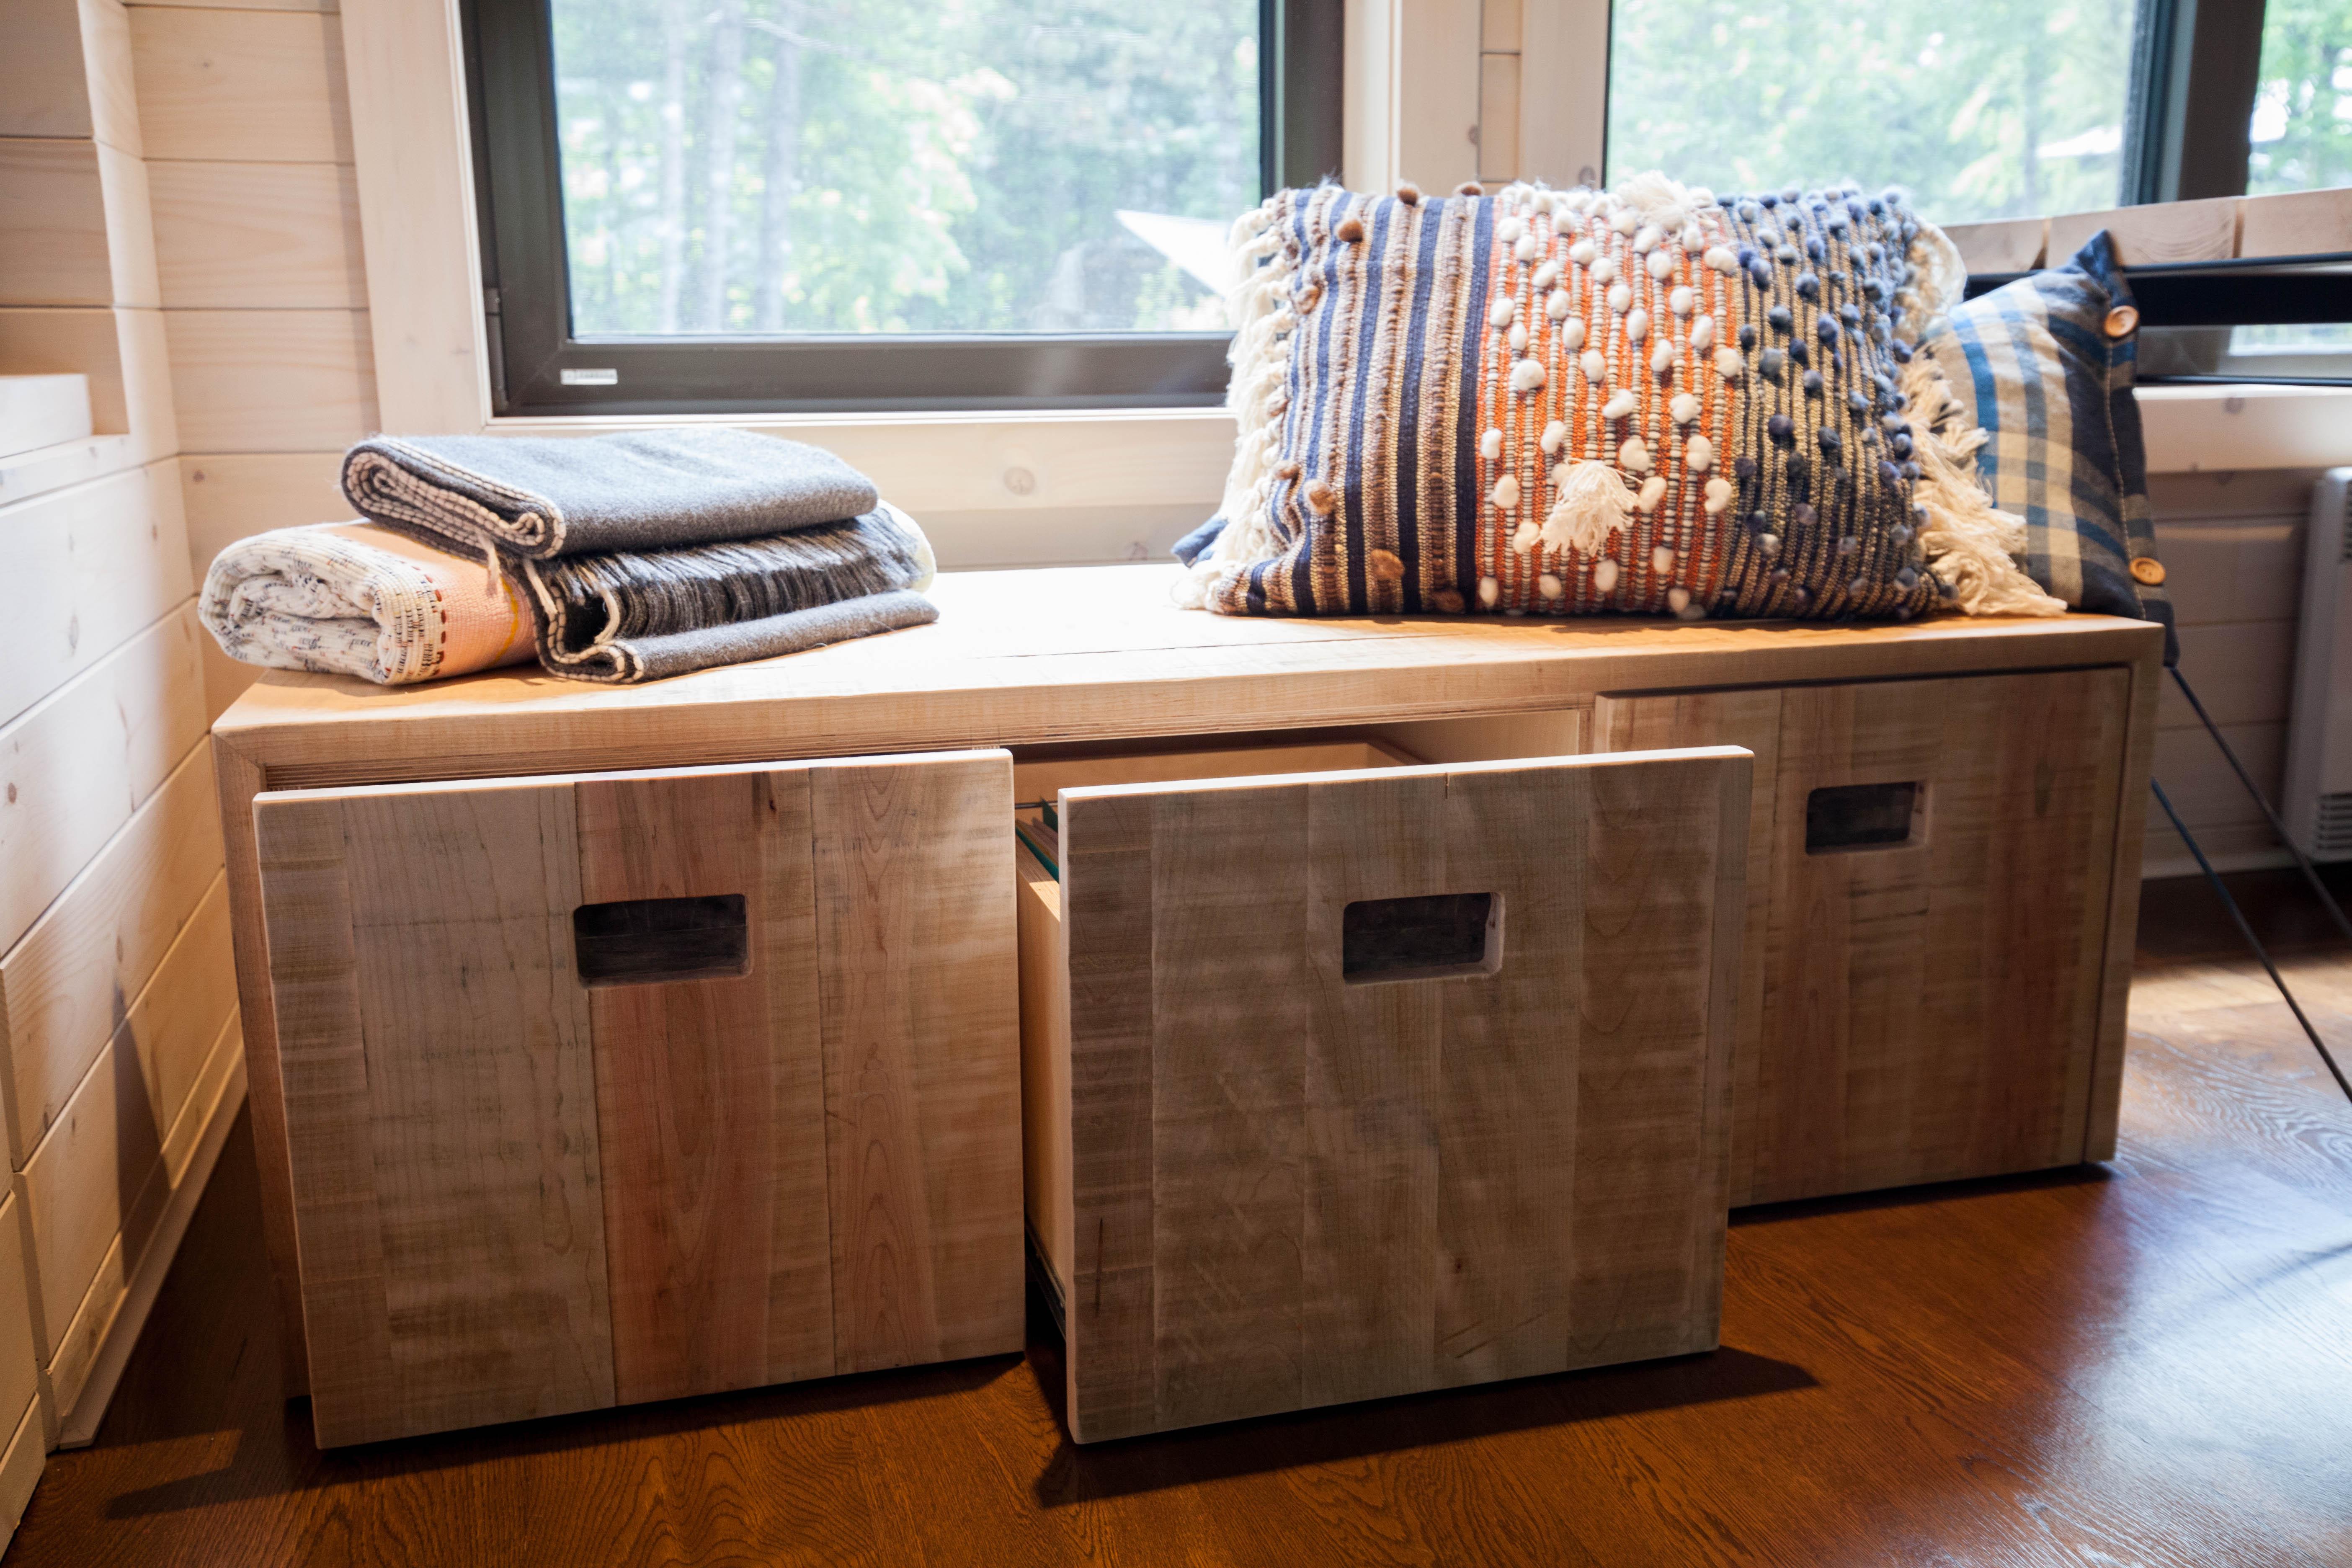 meubles roll 7-6